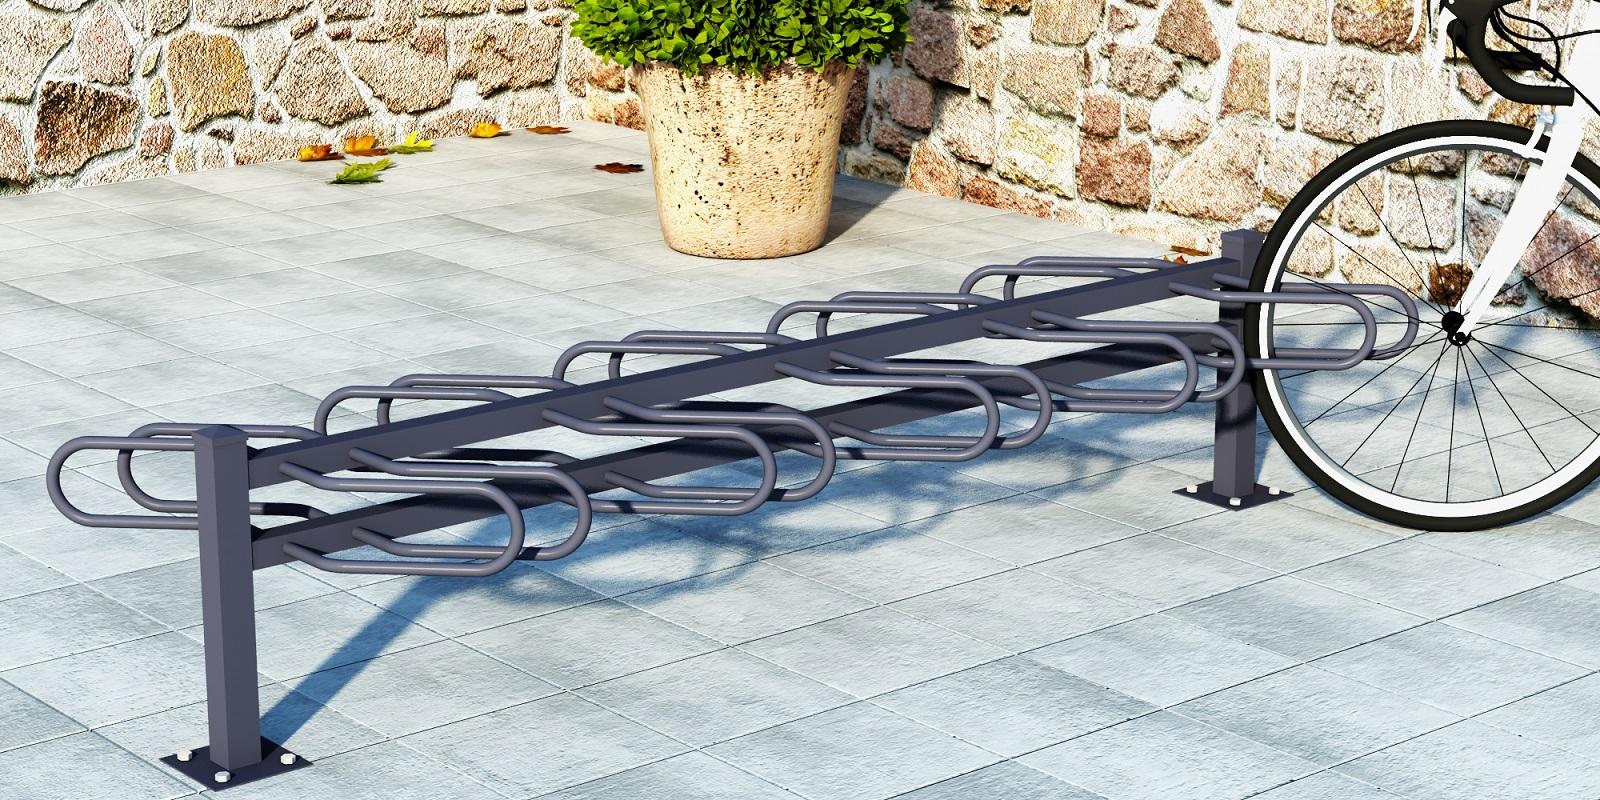 3D visualisering av cykelställ